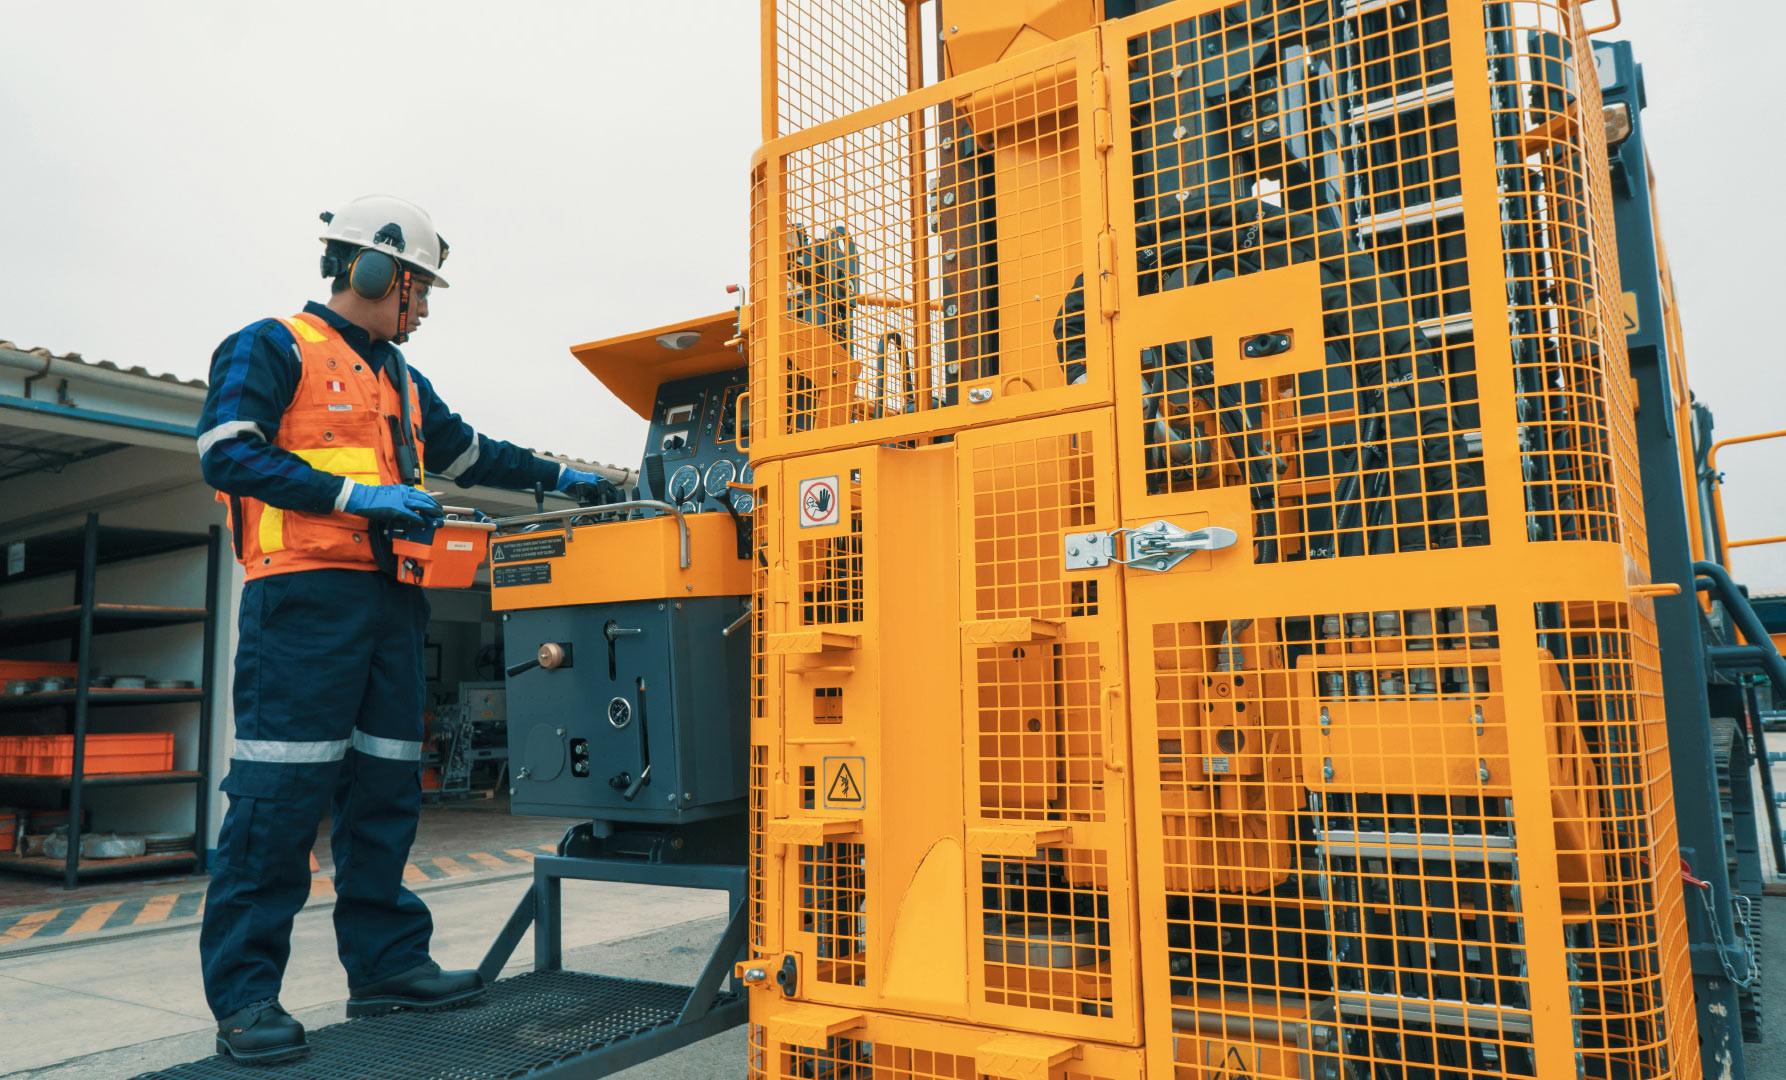 Foco en Rock Drill, empresa que incursionará en la explotación minera ante el Covid-19